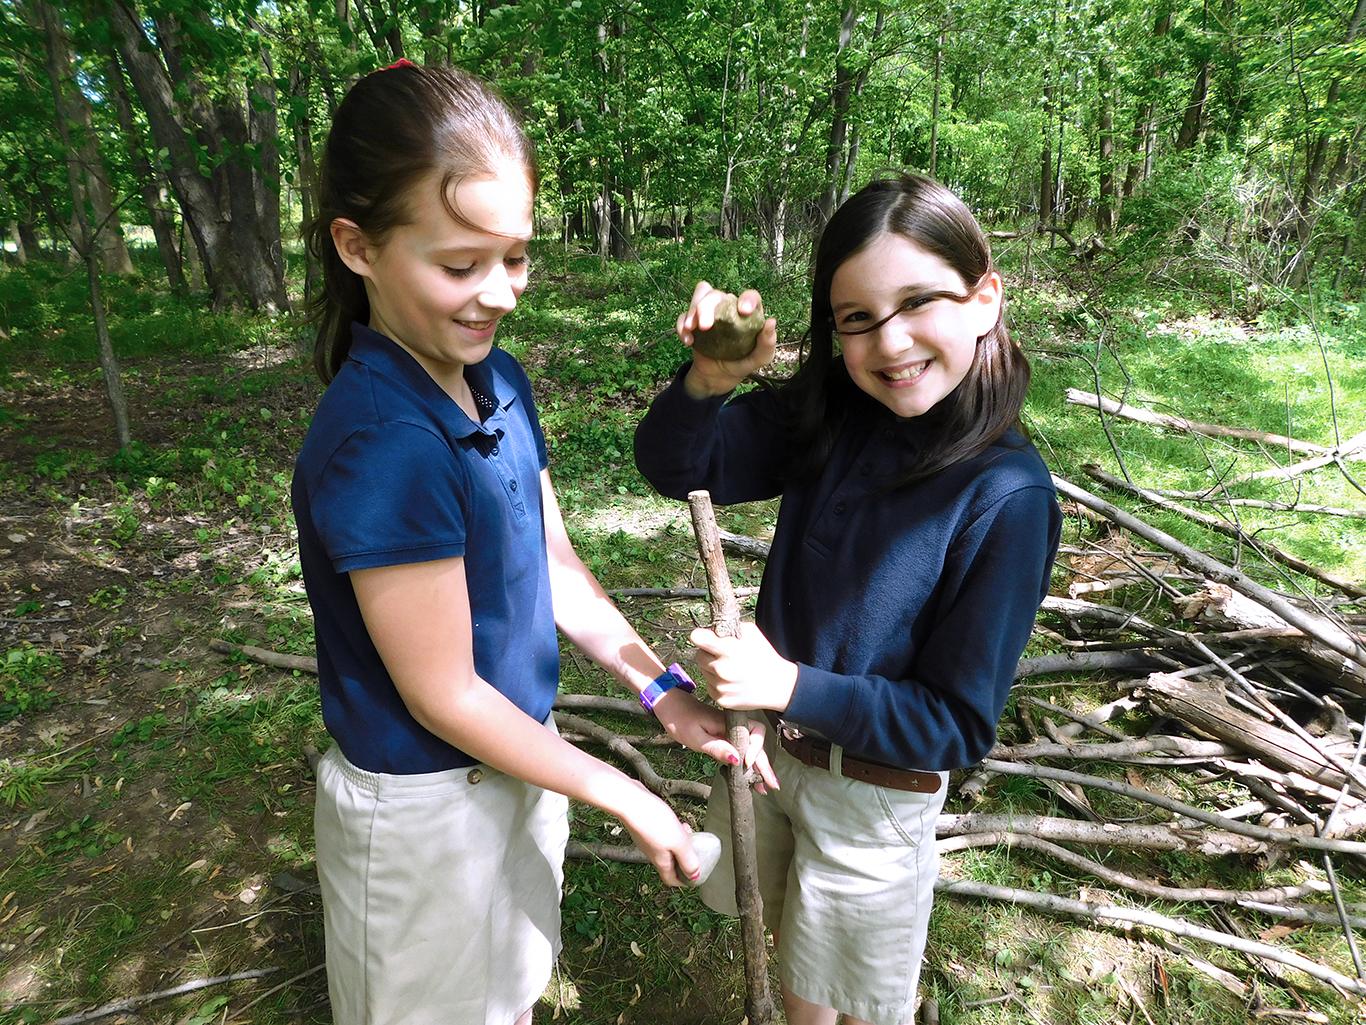 Third Grade Girls Building a Fort